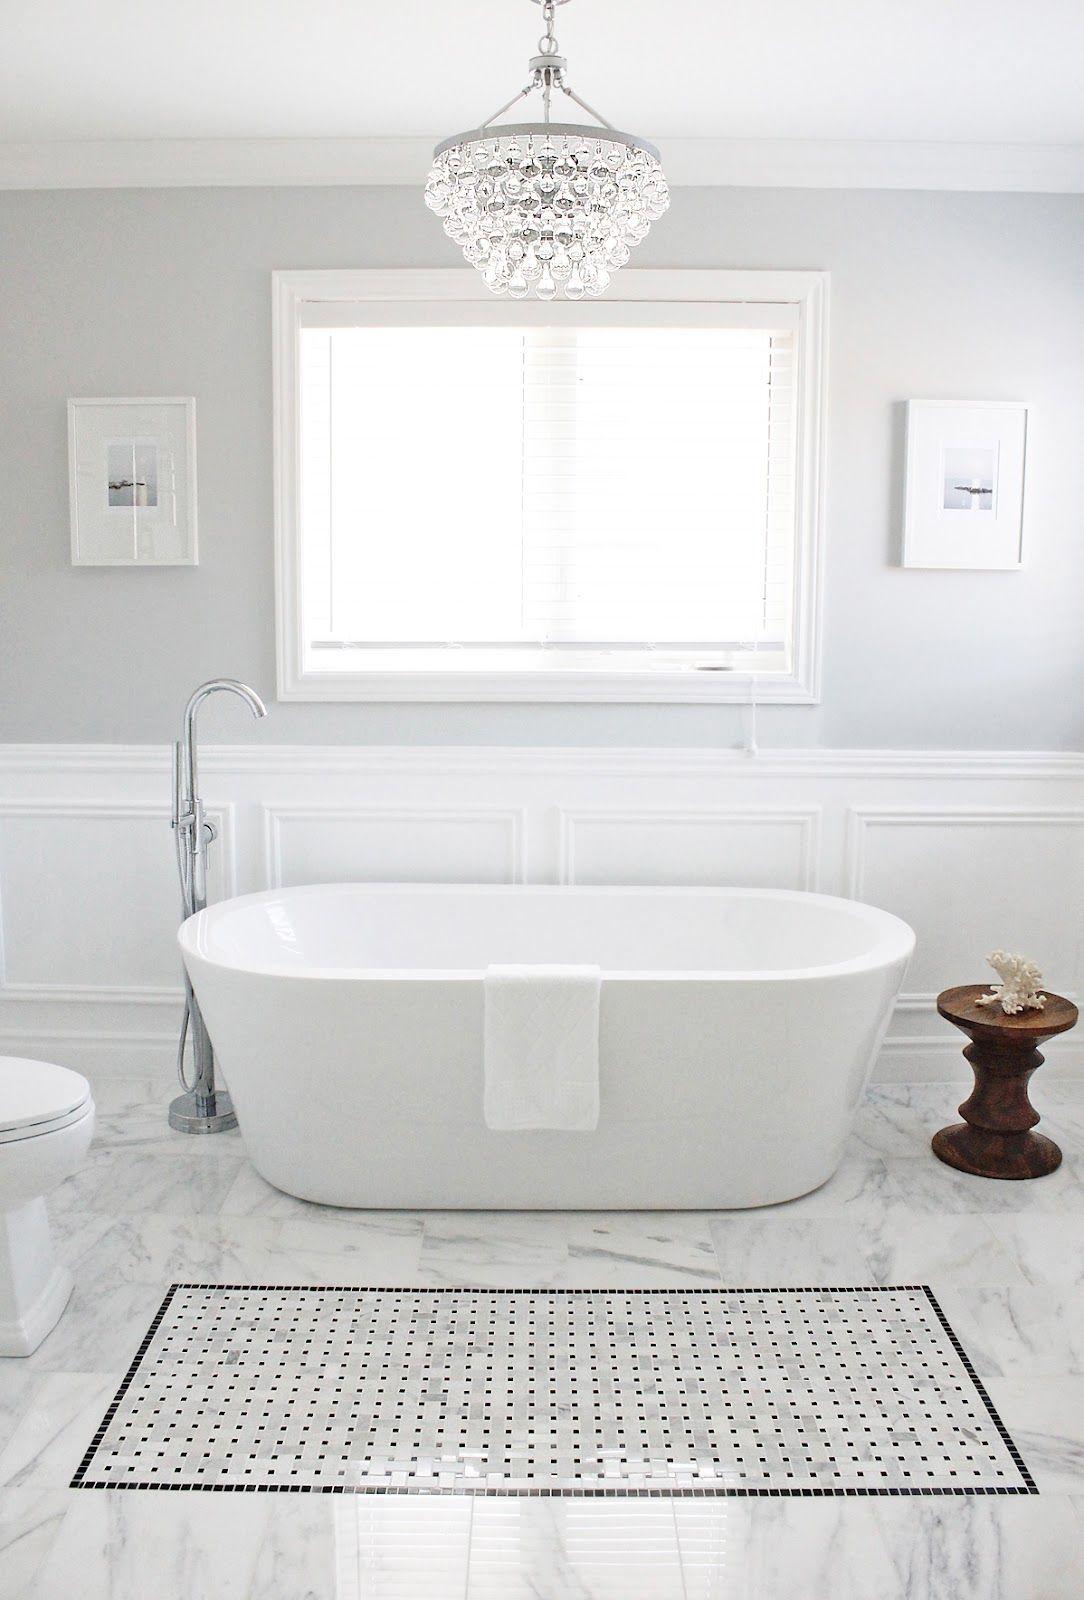 Valspar Polar Star Light Gray Bathroom Paint Color Best Bathroom